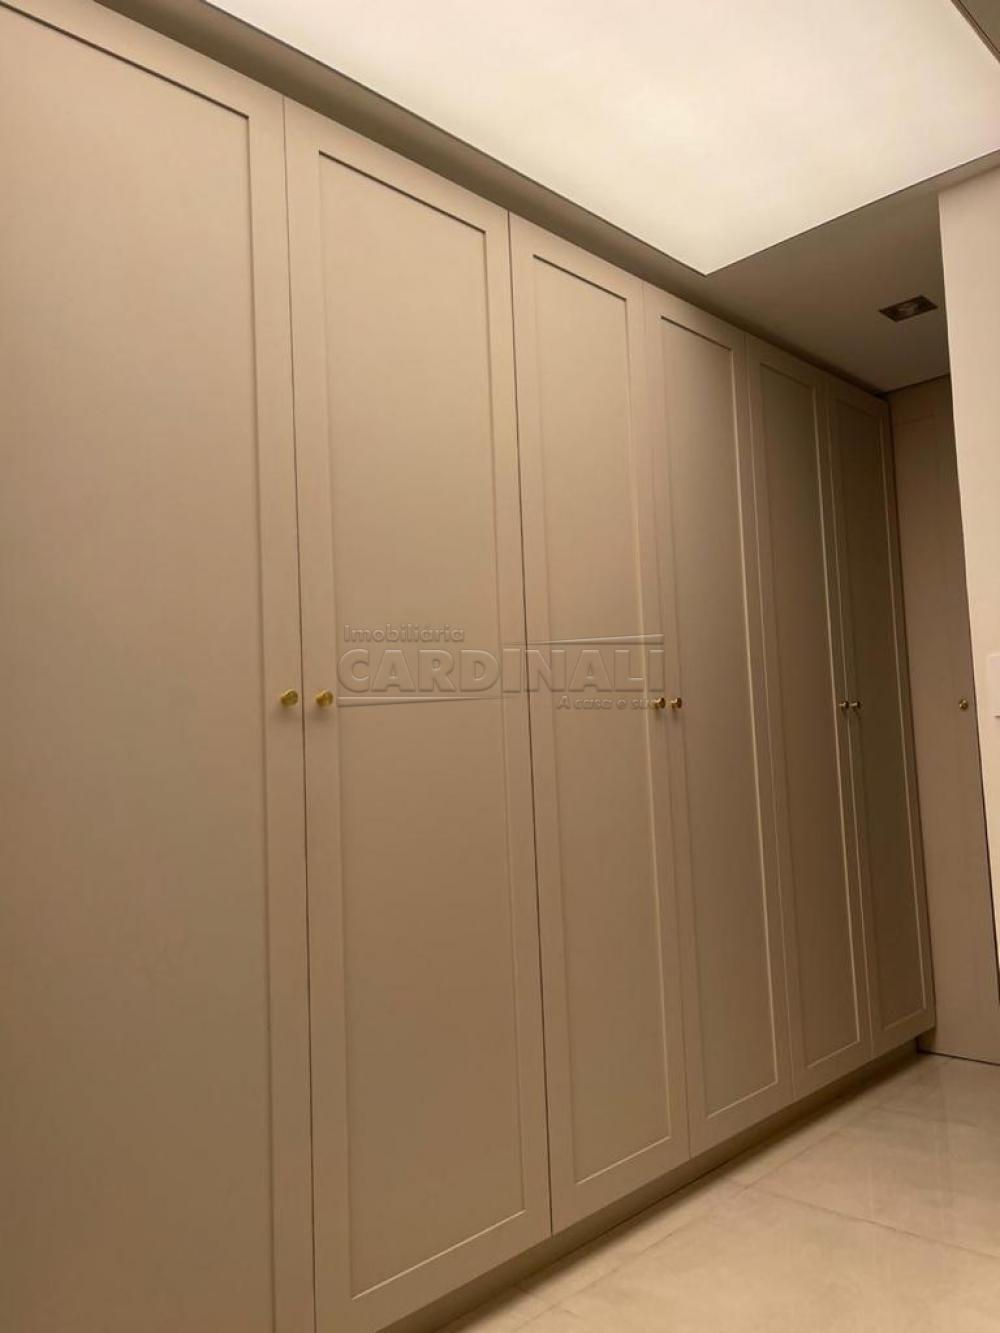 Comprar Apartamento / Padrão em São Carlos apenas R$ 980.000,00 - Foto 11